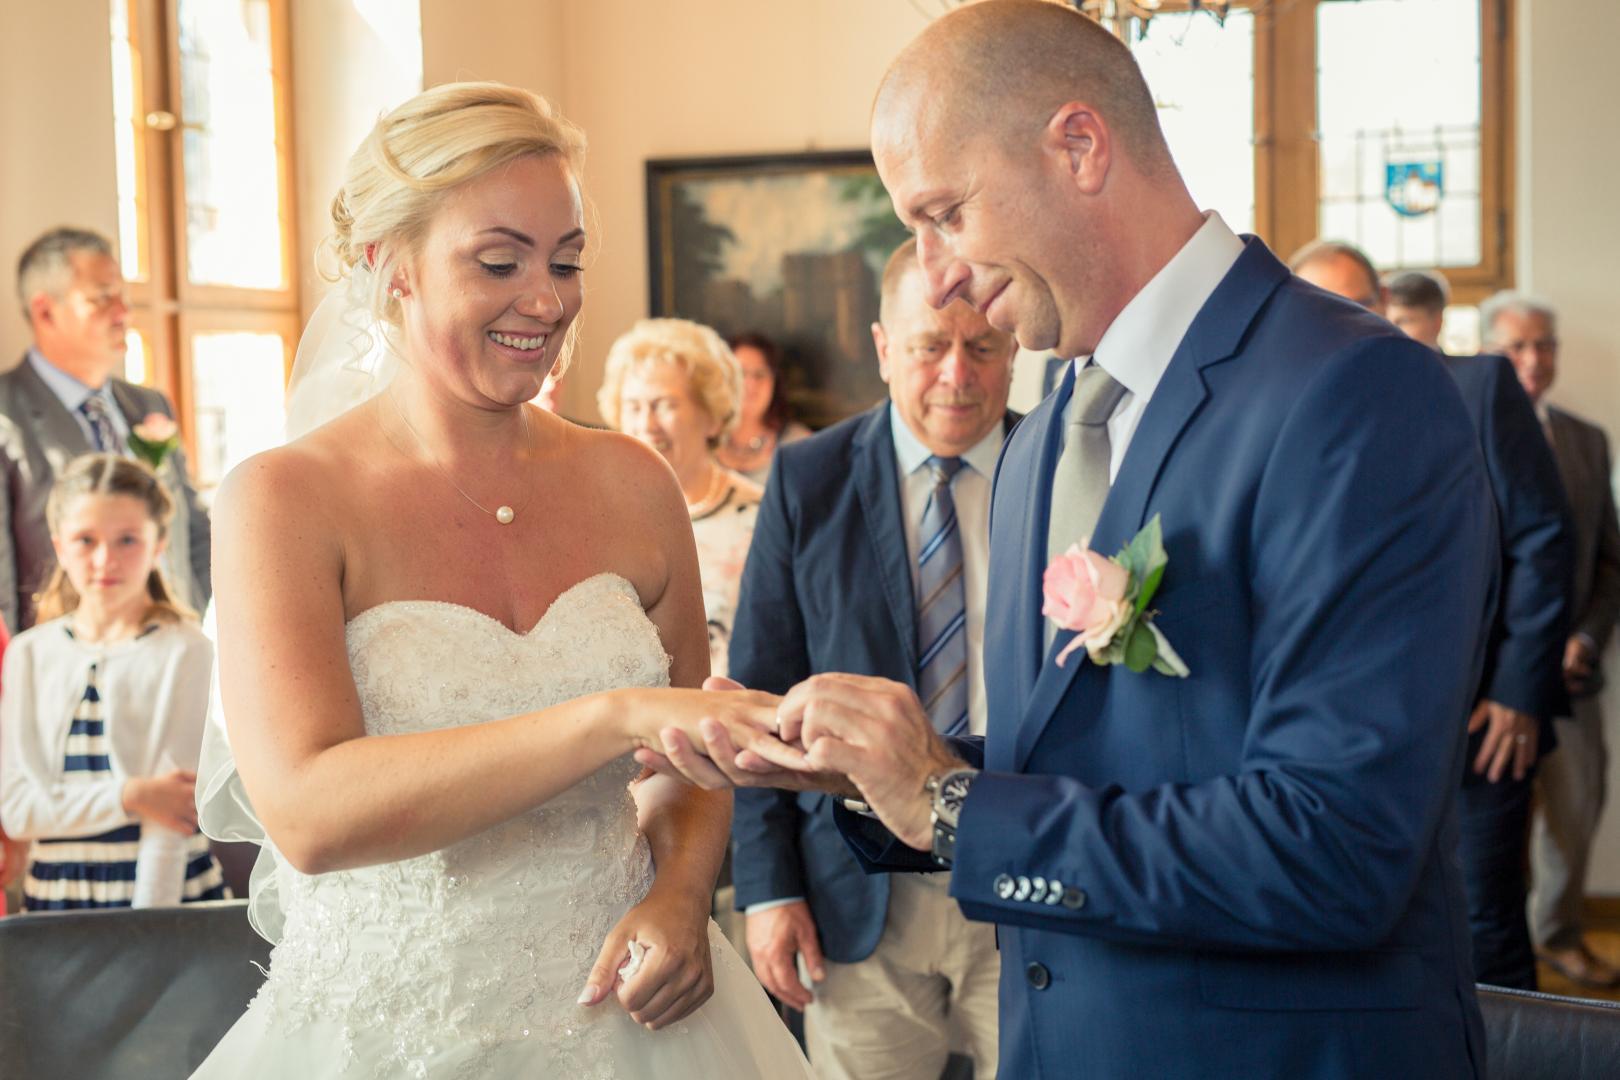 Ehepaar am Altar beim Ringe tauschen Hochzeitsfotograf Mattin Ott Köln